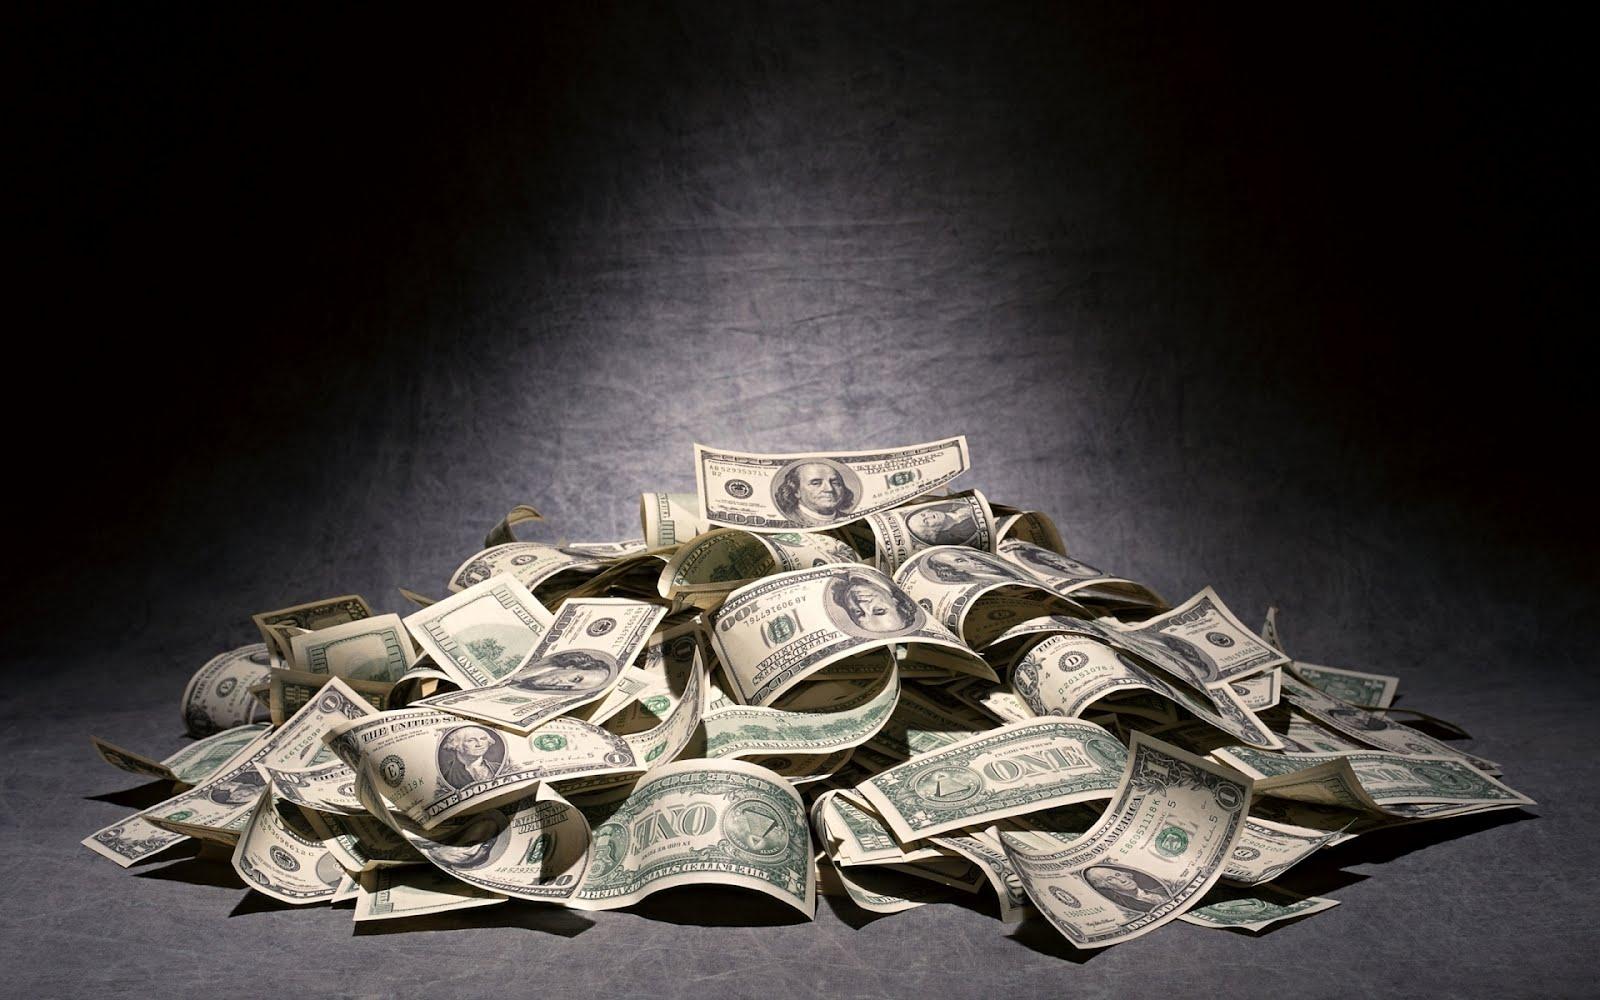 http://4.bp.blogspot.com/-p8Yrs_aw5RQ/UDfJEZgNpVI/AAAAAAABFM4/IgIx9LnSdI4/s1600/lots-of-dollars-1920x1200-wallpaper-dinero-dolares-americanos.jpg